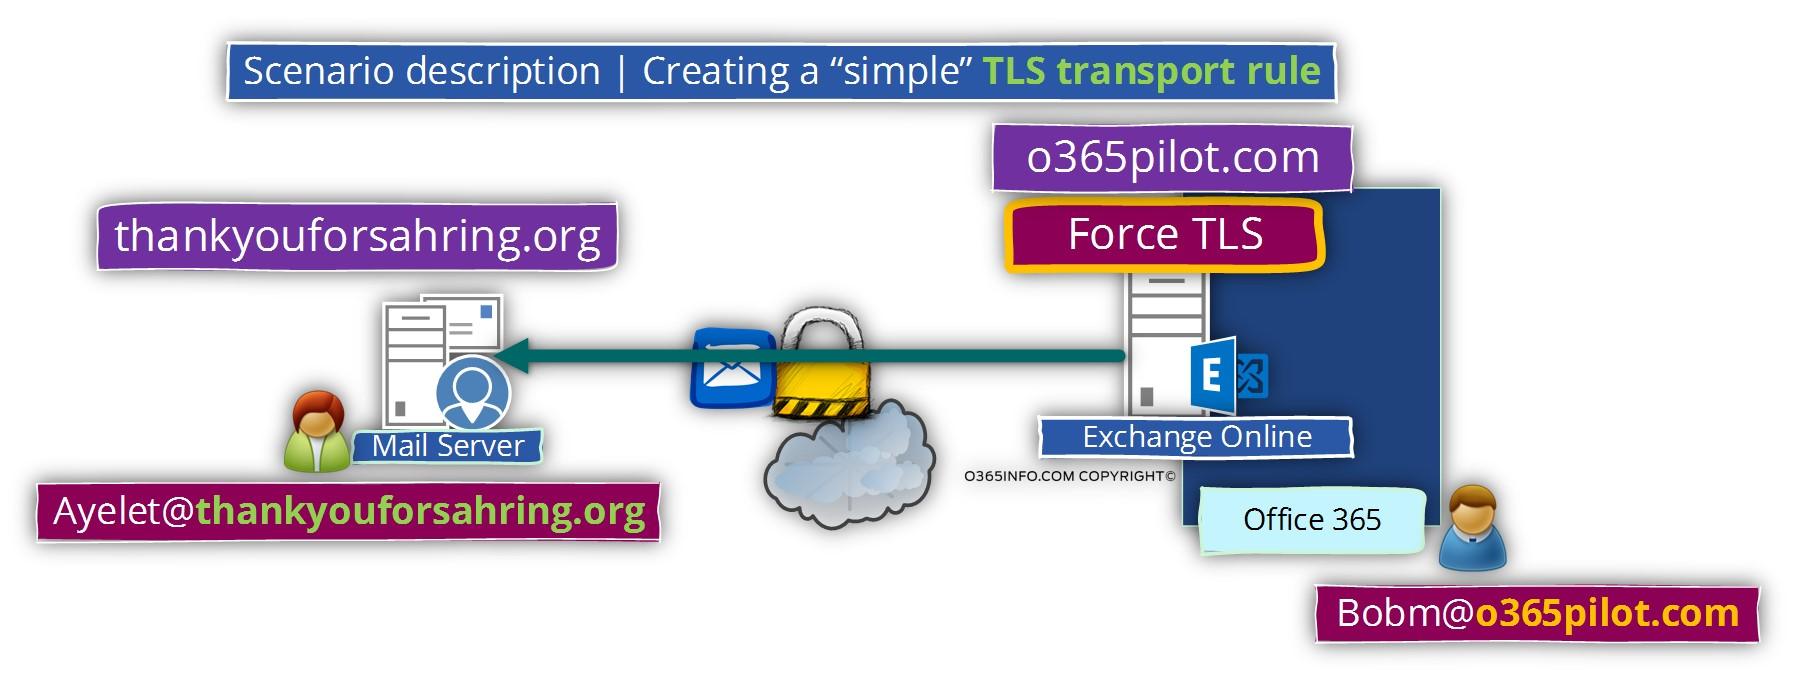 Scenario description - Creating a simple TLS transport rule